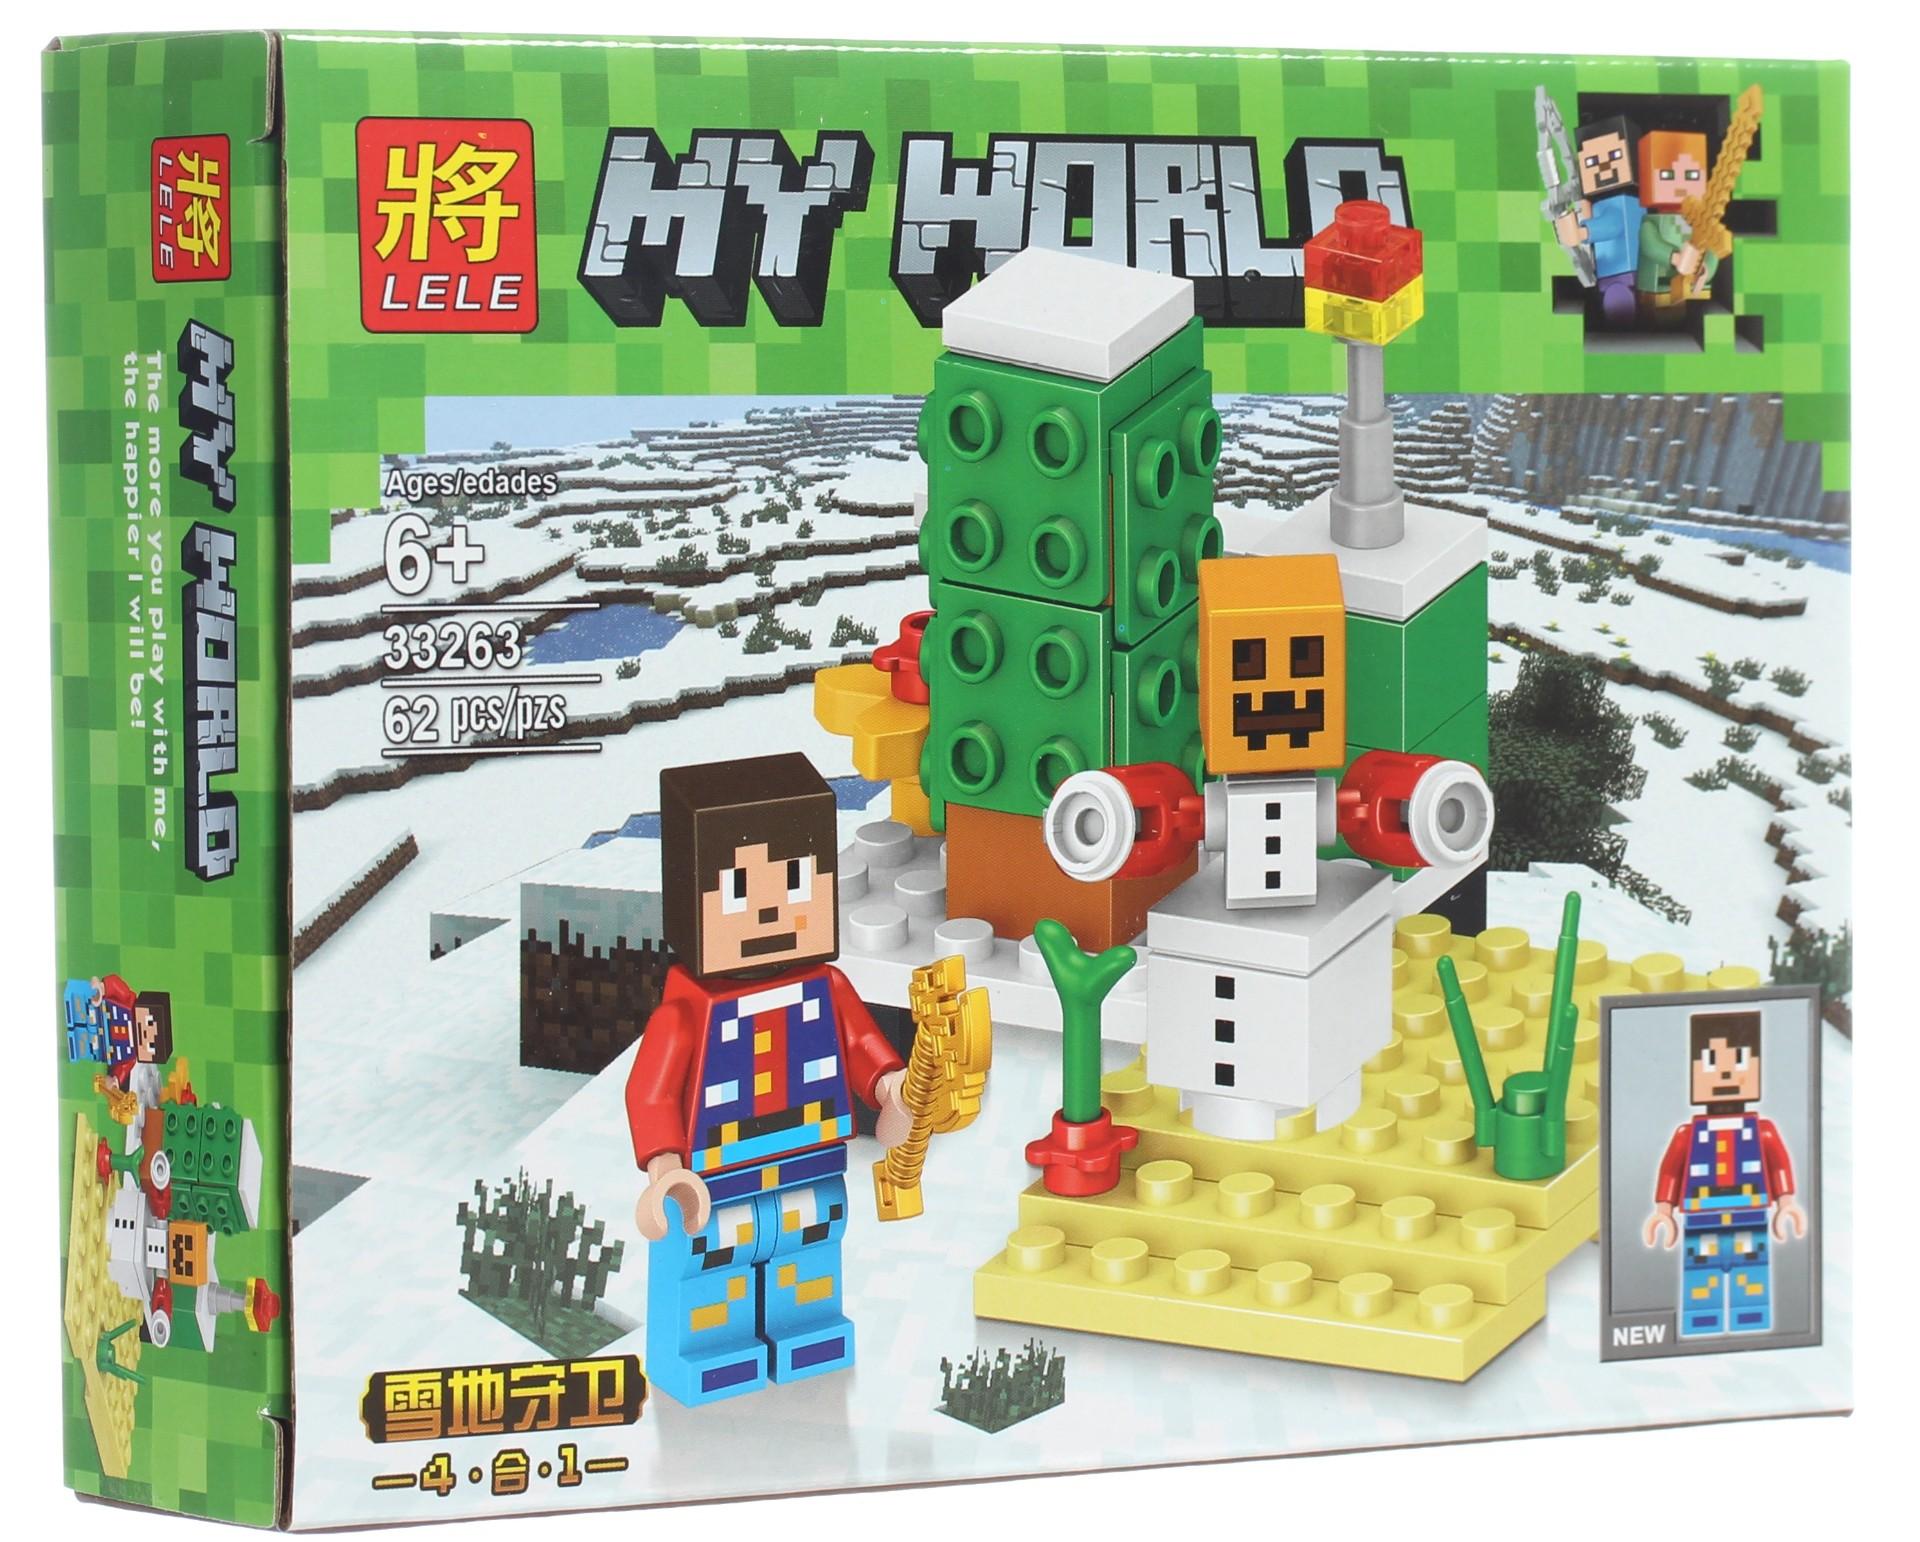 Суперпак конструкторов Minecraft «Снежный дом» 33263 (Совместимый с ЛЕГО), 261 деталь